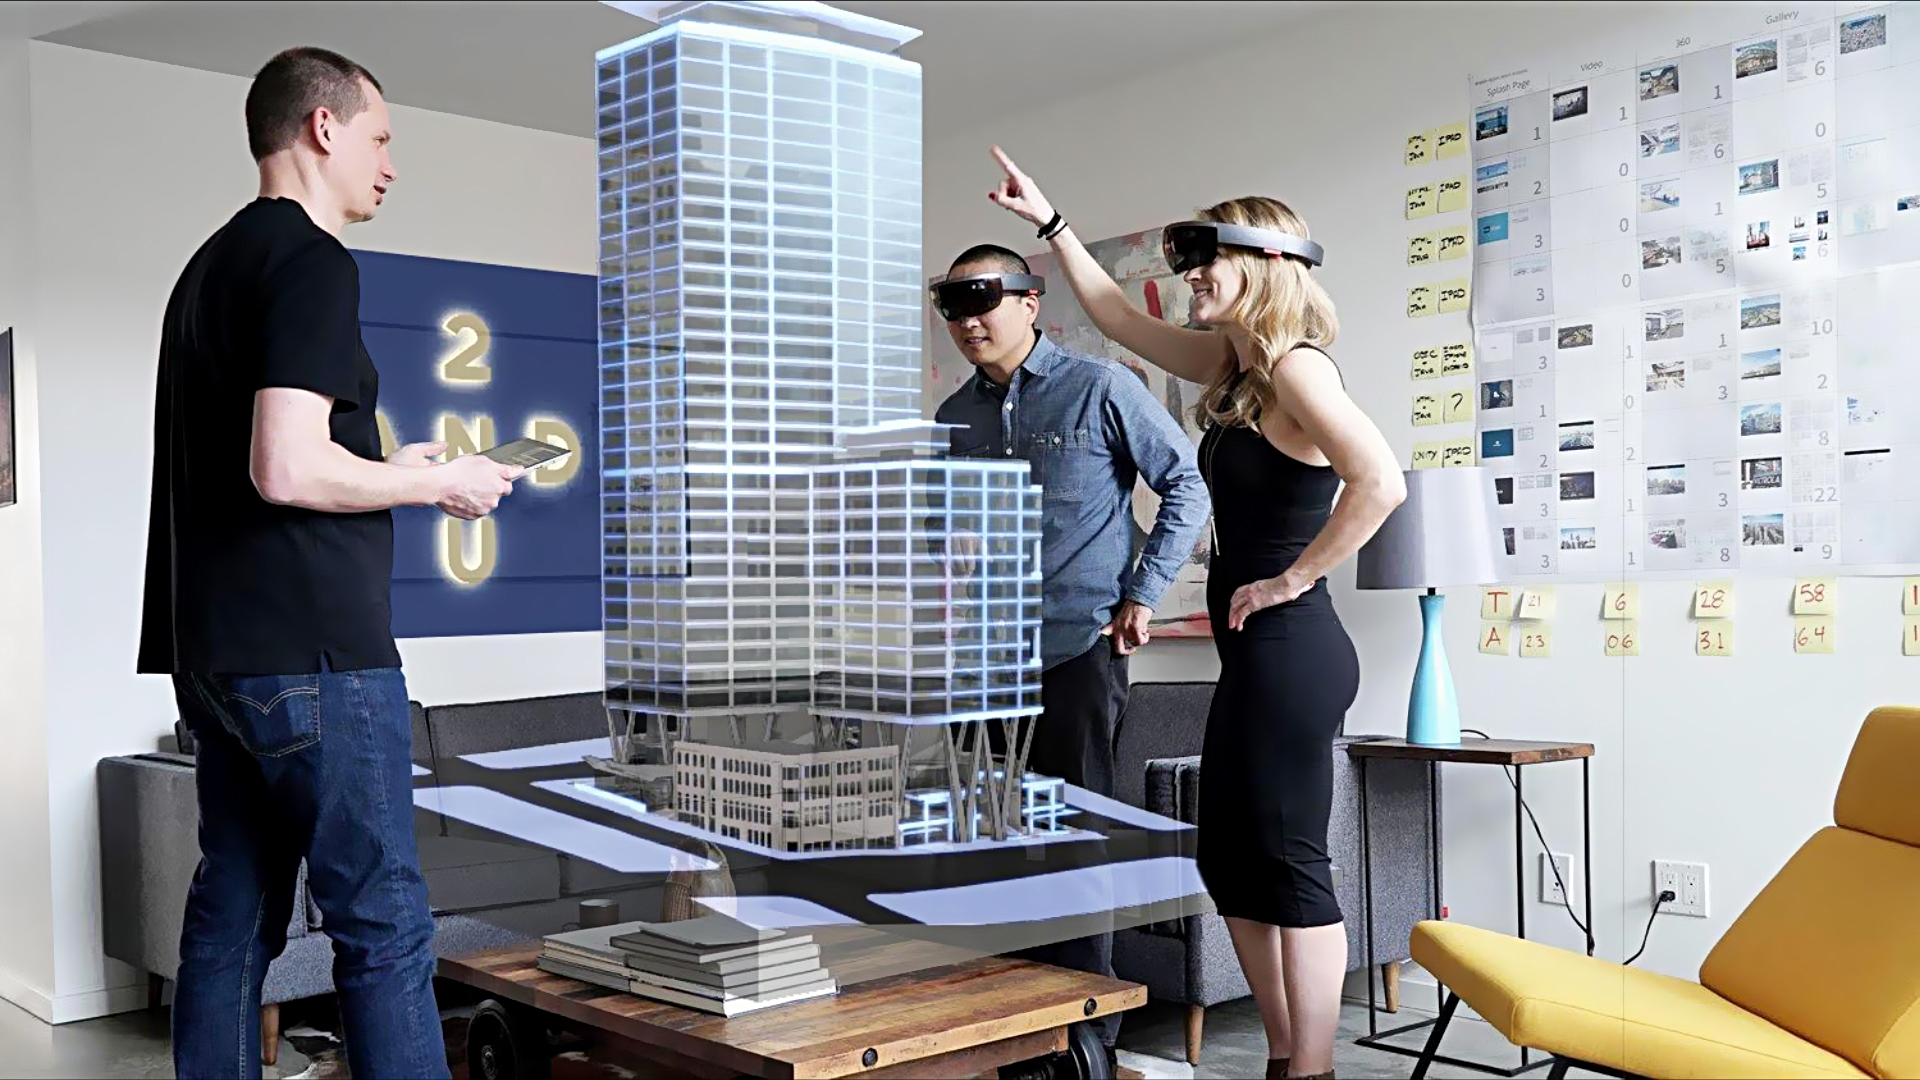 Realidad Virtual y Real Estate 3 | Virtual Reality and Real Estate 3